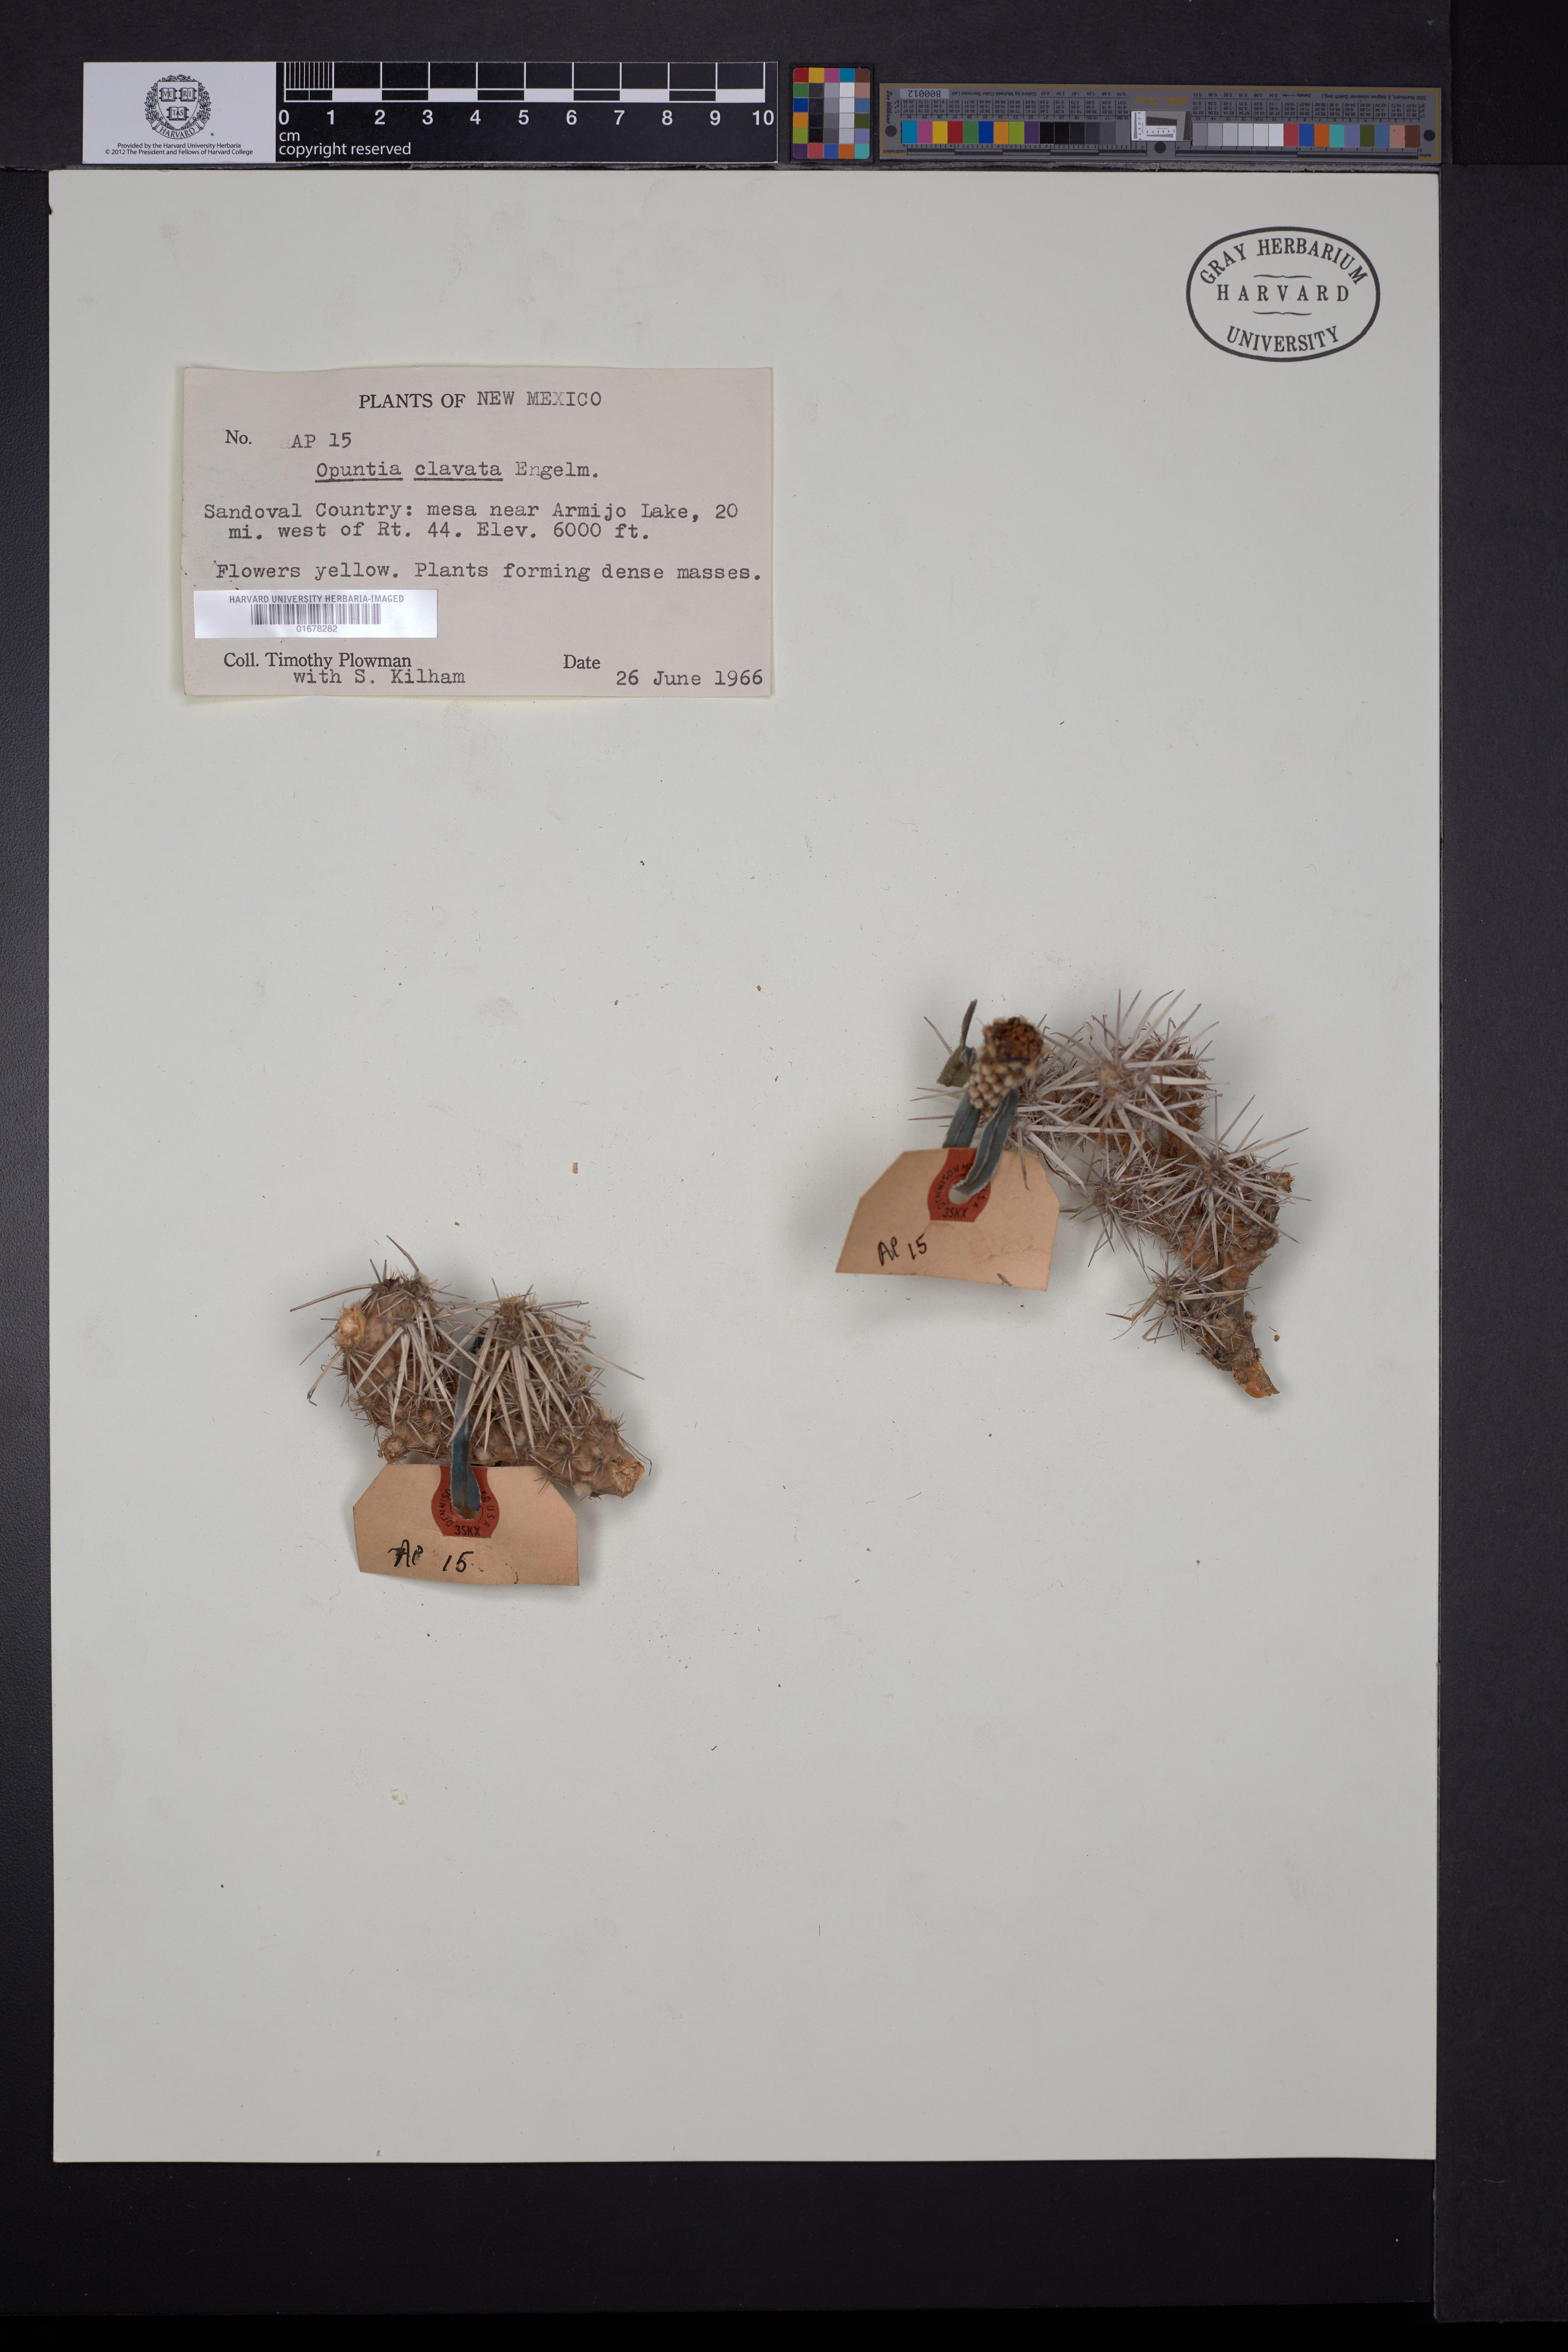 Opuntia clavata image